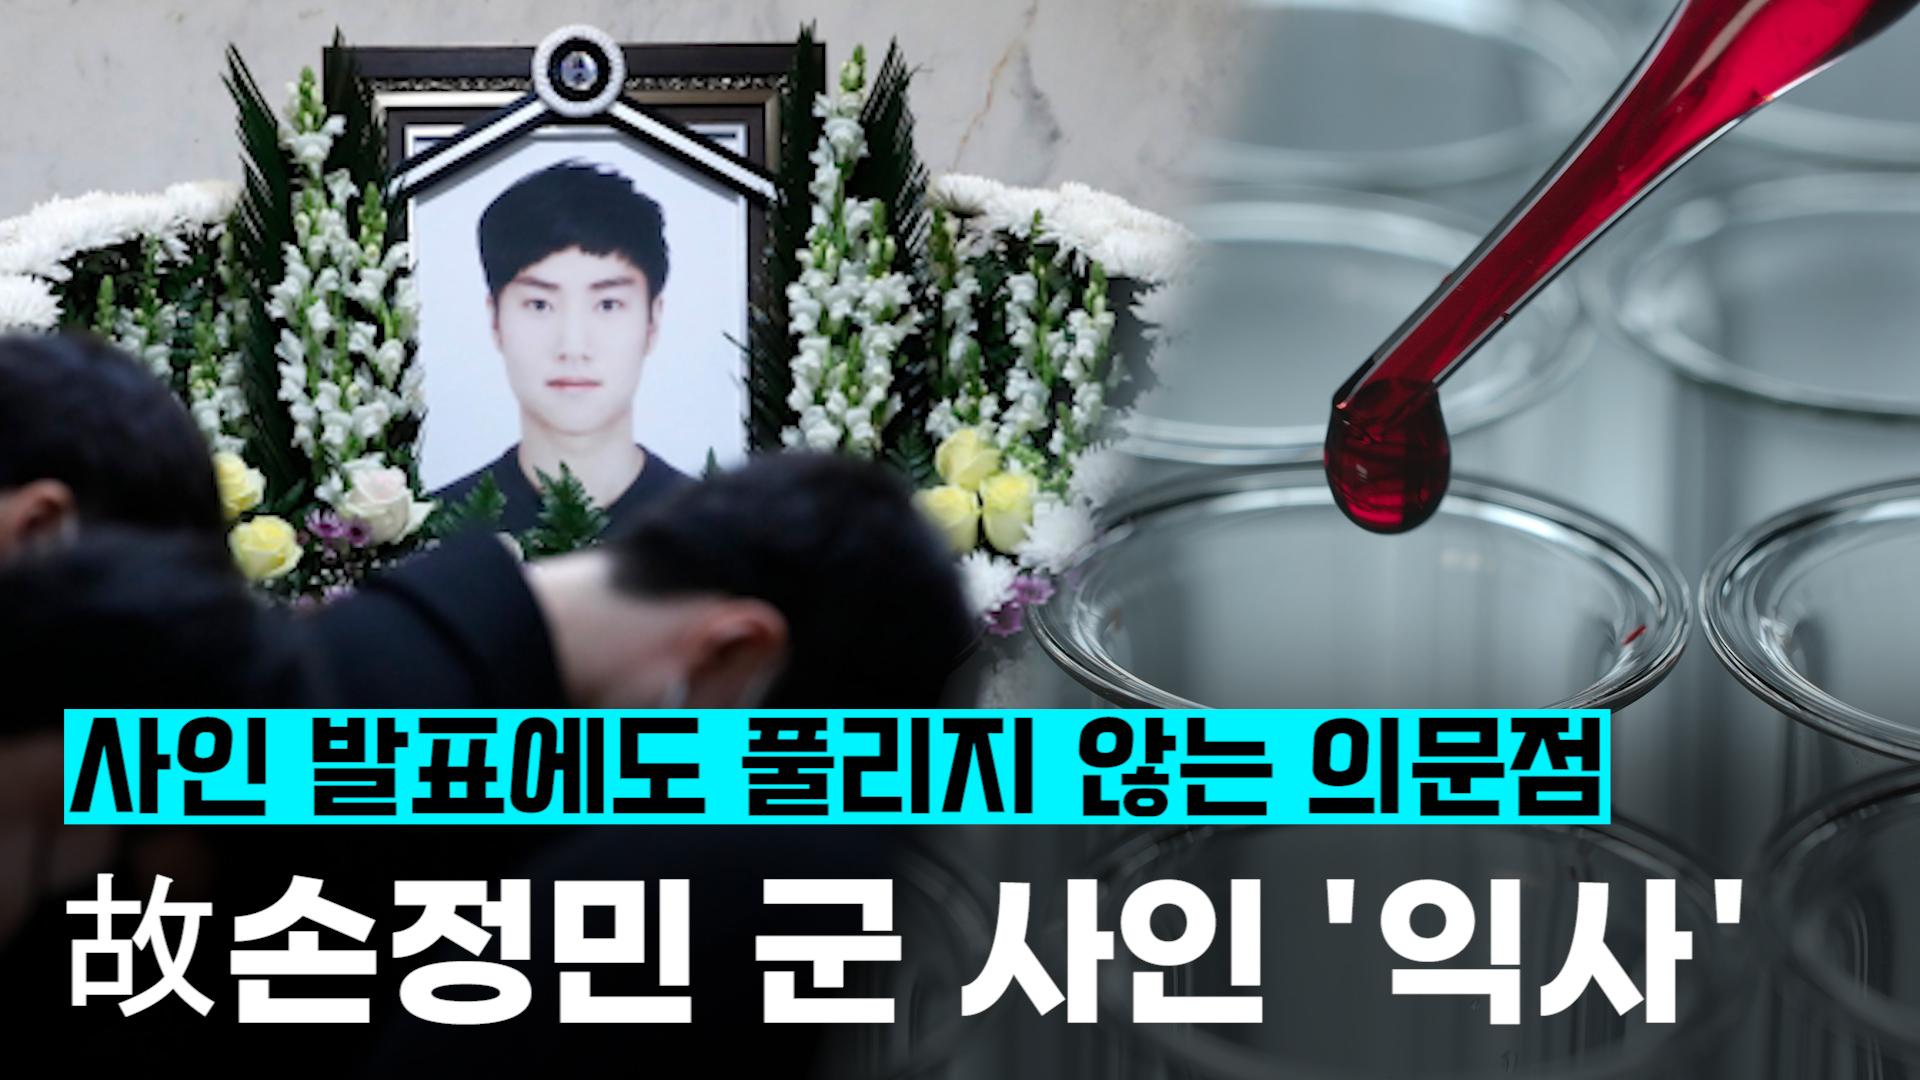 [영상]한강 실종 대학생 故손정민 군, 국과수 부검결과 '익사'